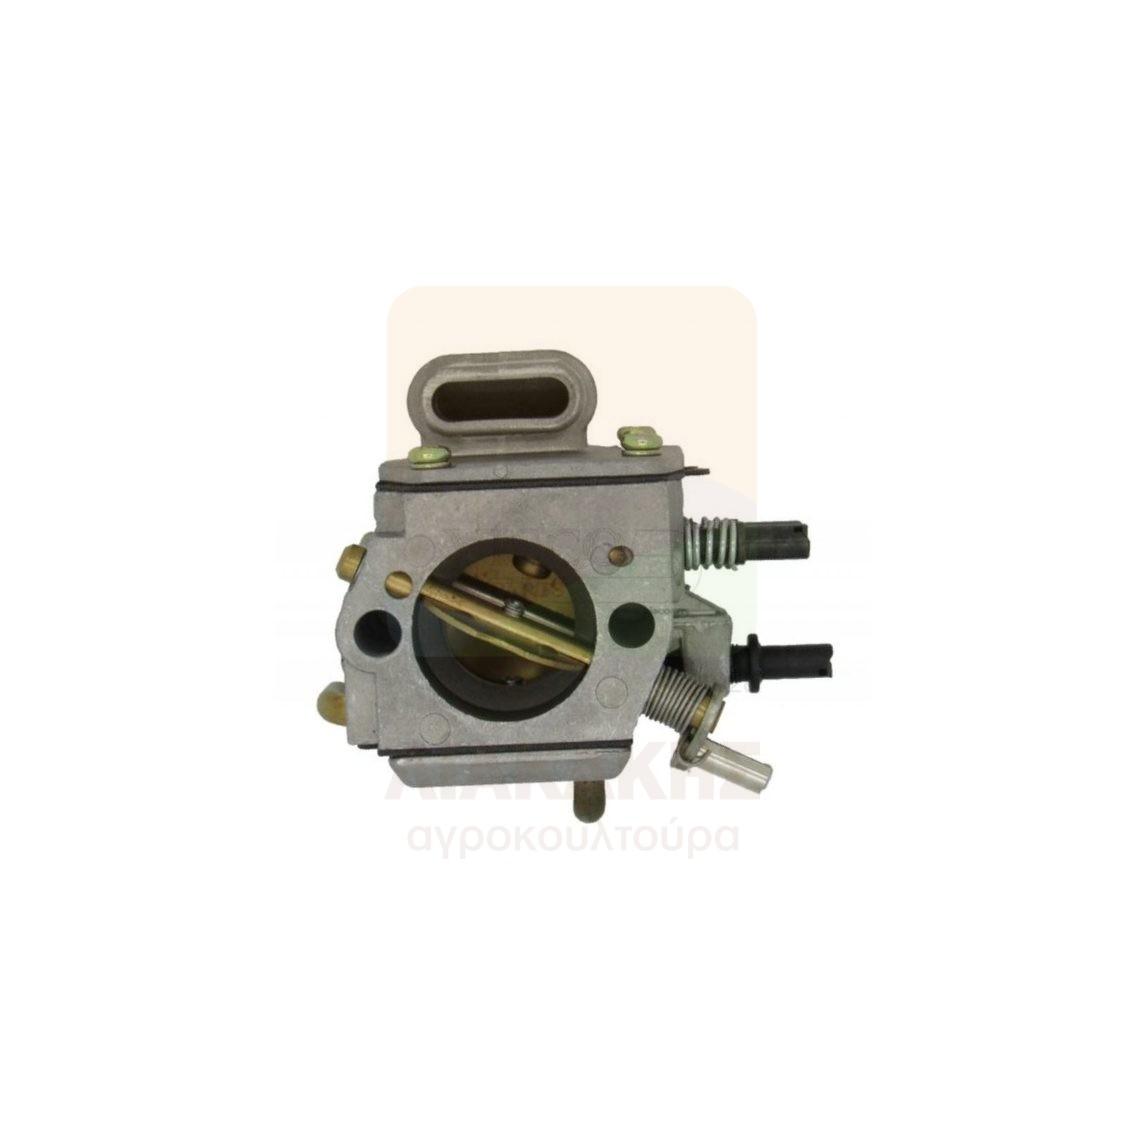 ΚΑΡ-015 Καρμπυρατέρ STIHL 029-039 MS 290-390-310 ORIGINAL